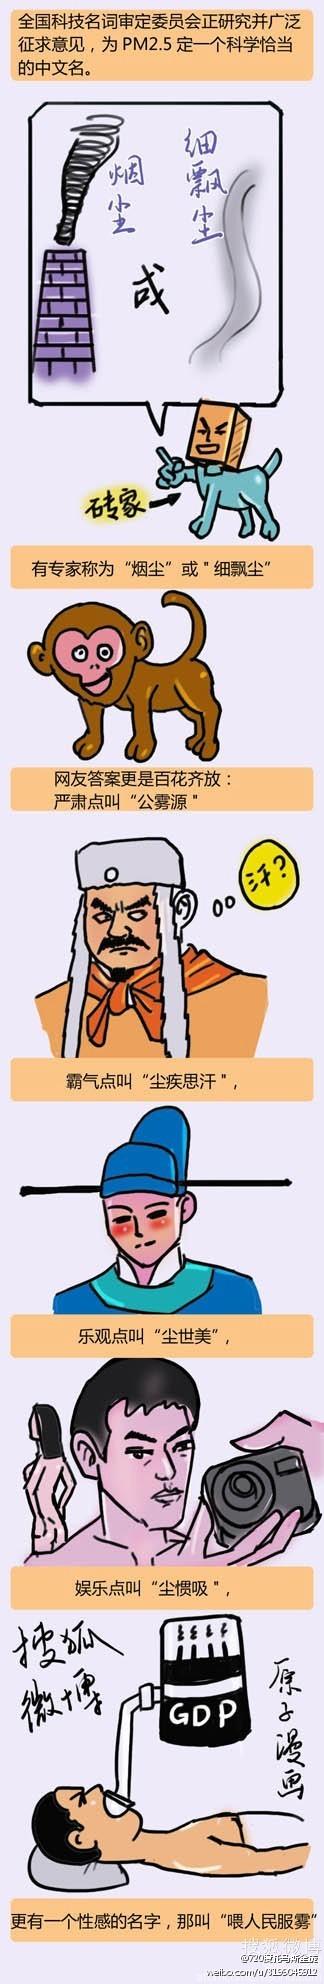 图片来源:新浪微博